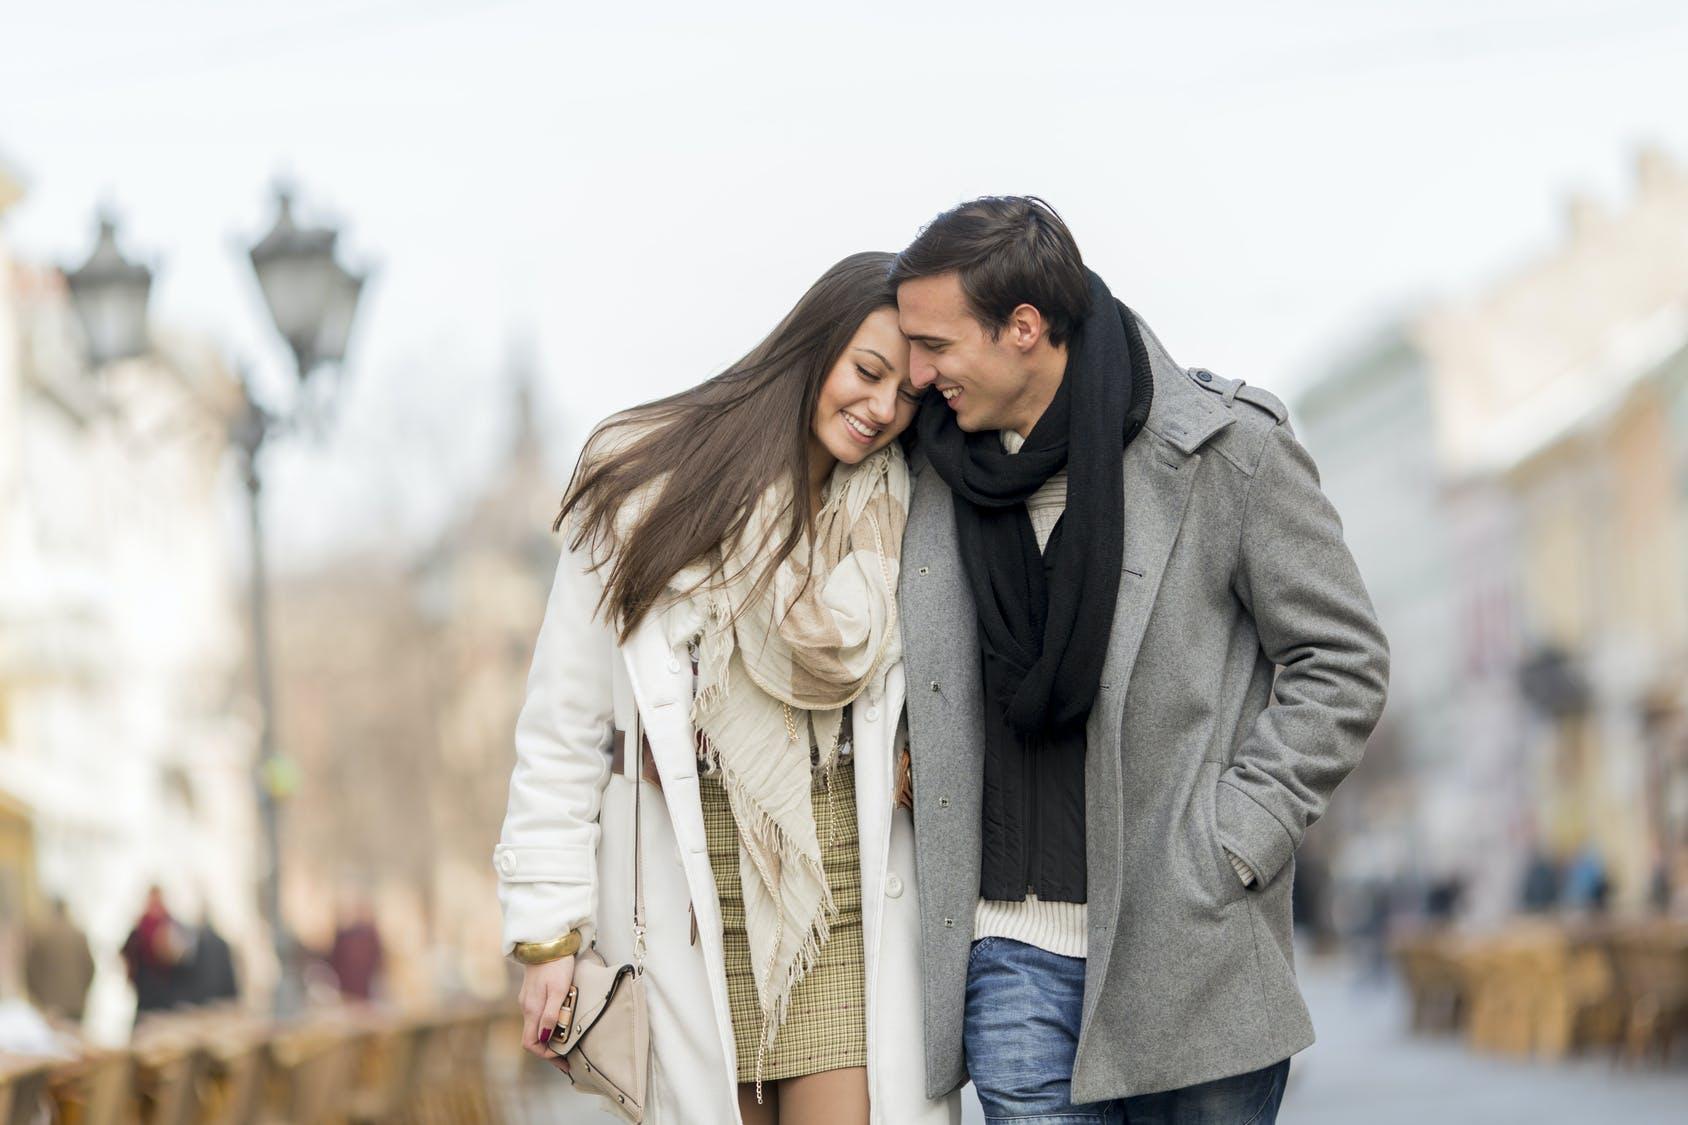 αστεία άρθρα σχετικά με το online dating